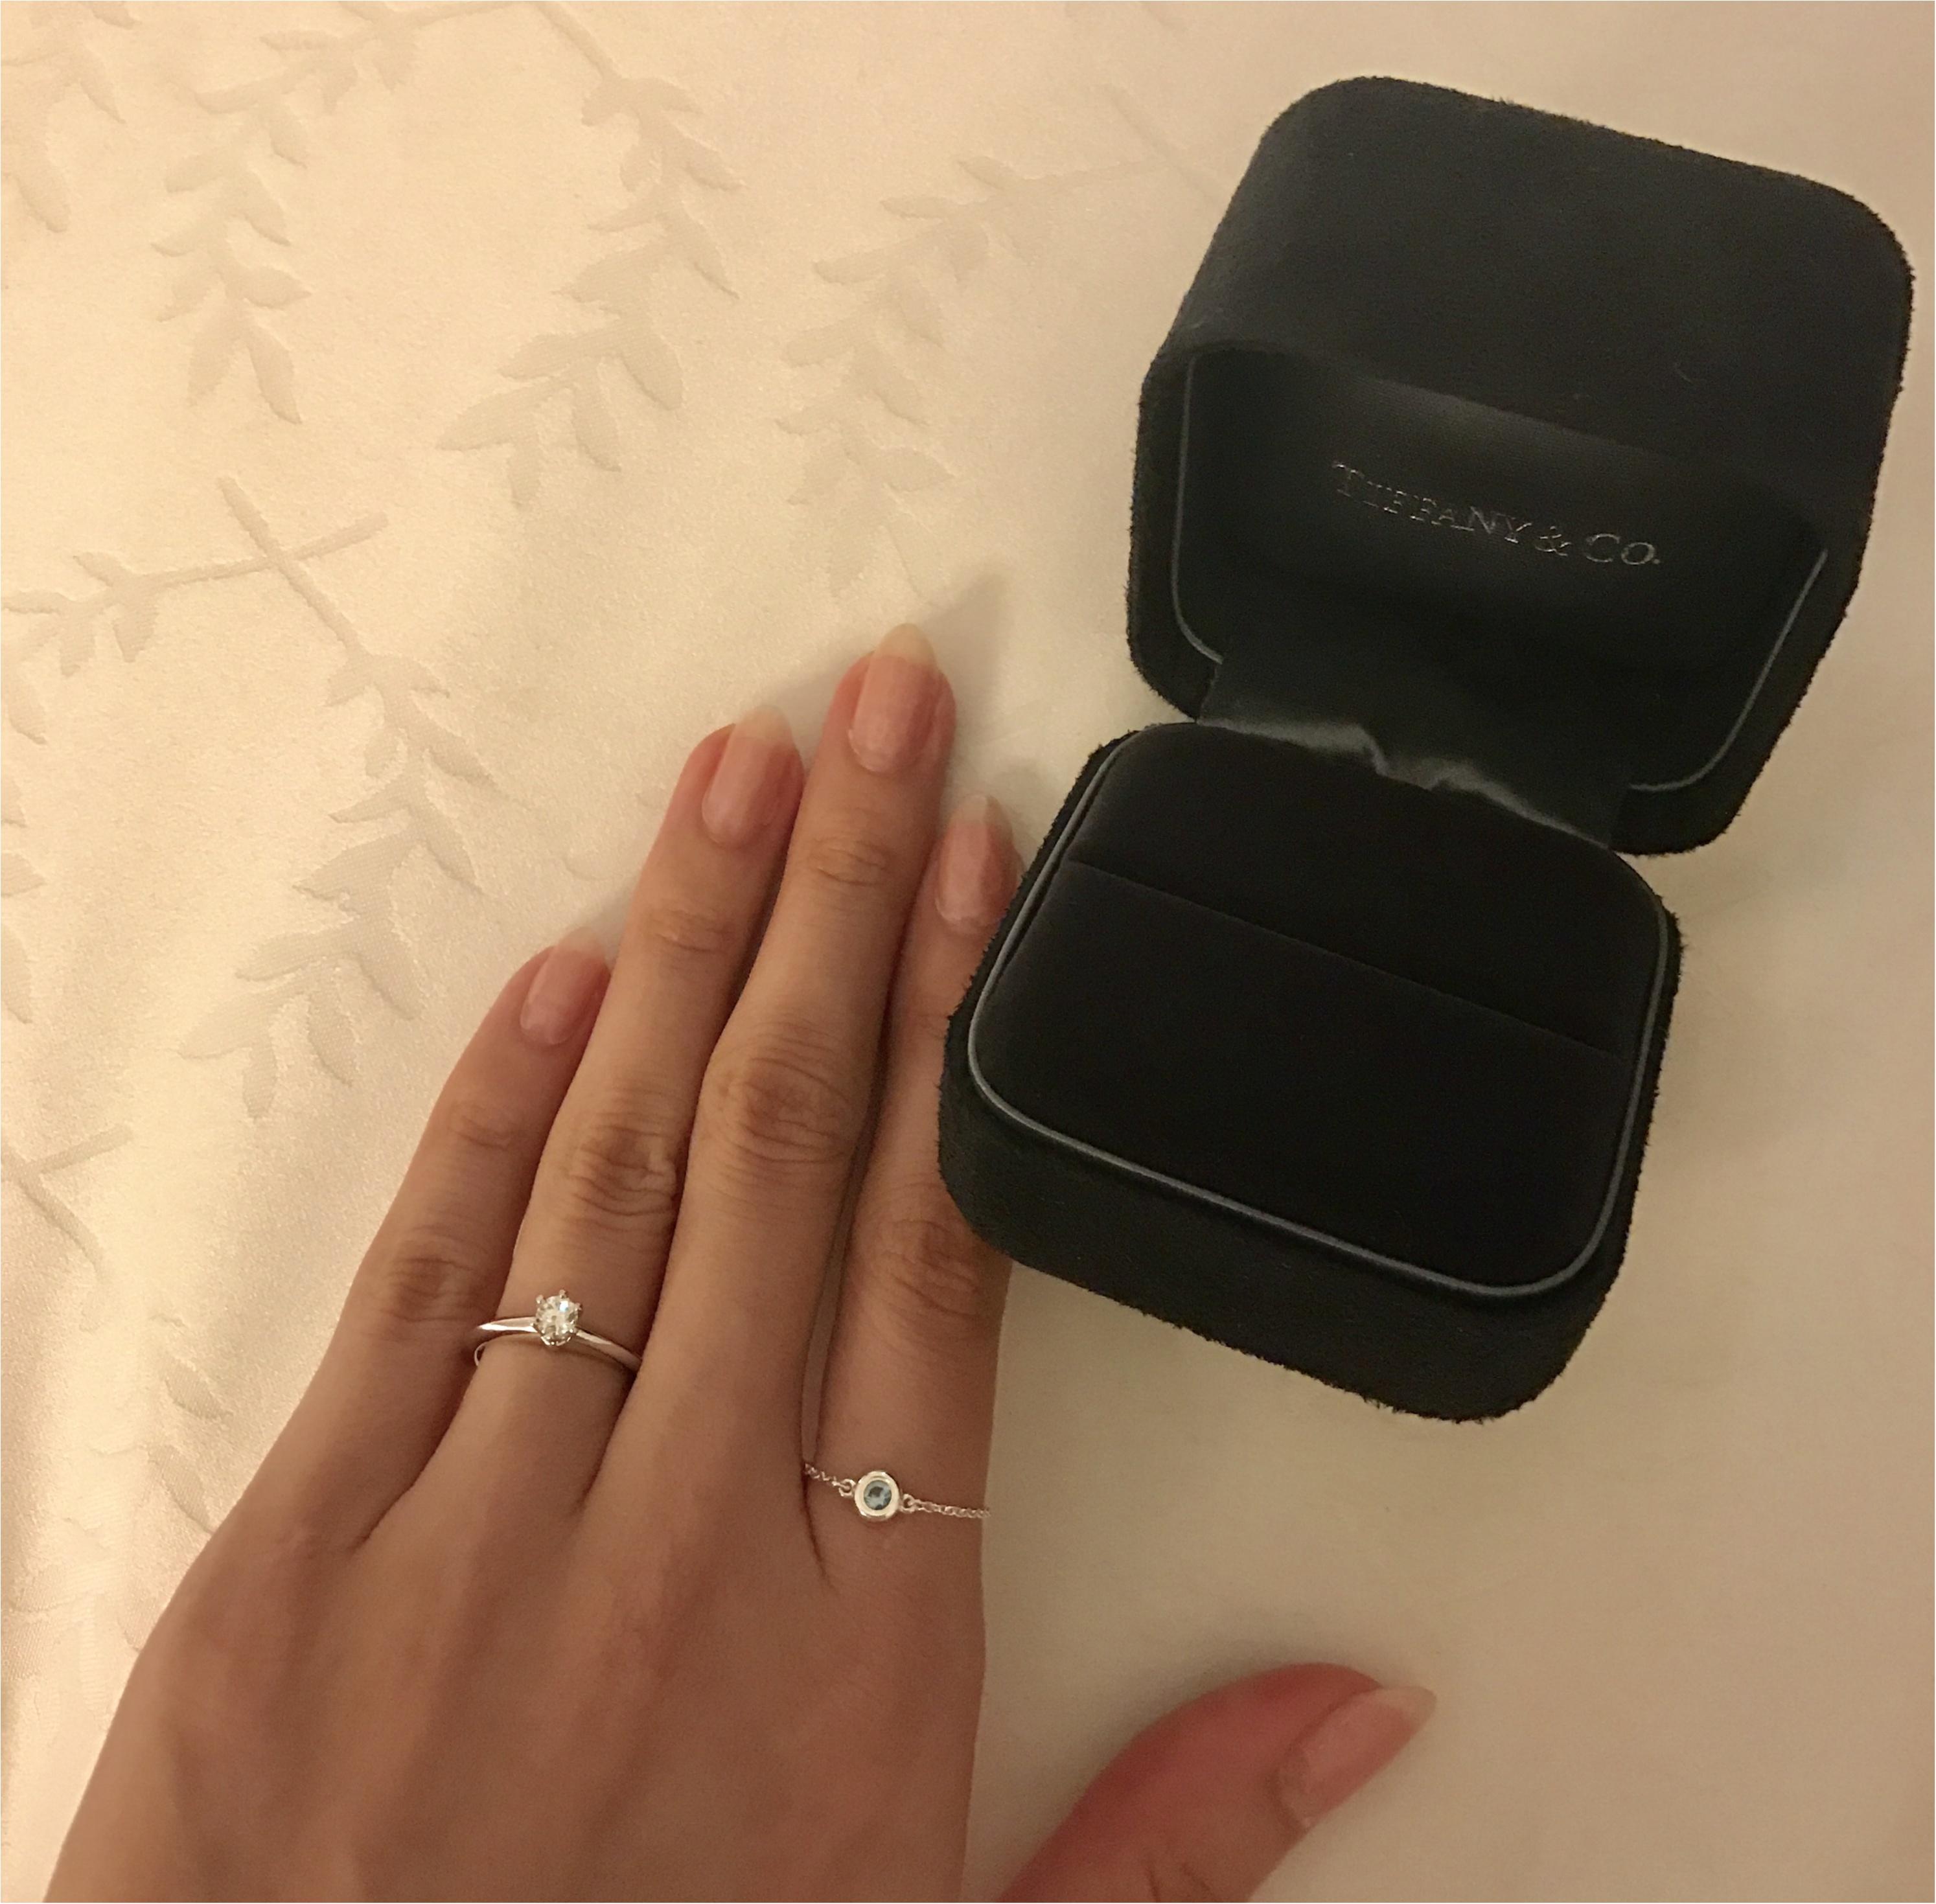 婚約指輪のおすすめブランド特集 - ティファニー、カルティエ、ディオールなどエンゲージリングまとめ_13